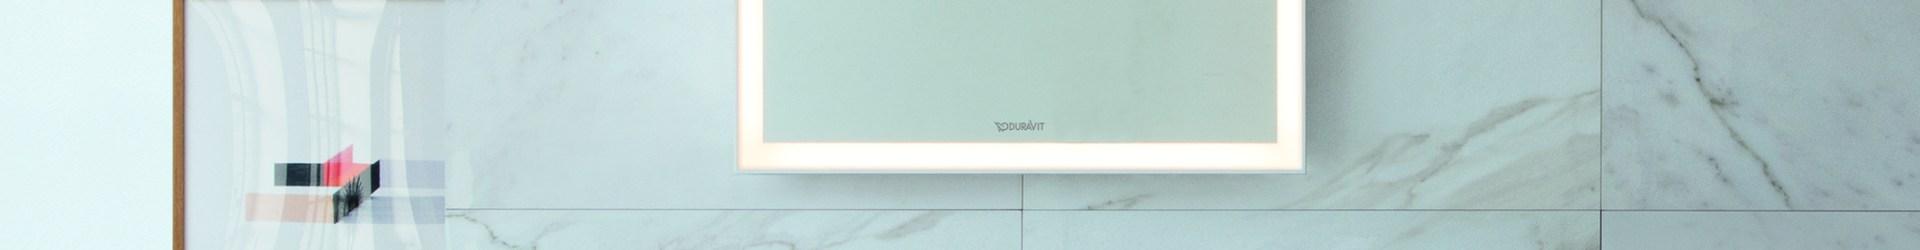 Come scegliere le piastrelle per un bagno piccolo e farlo sembrare più grande